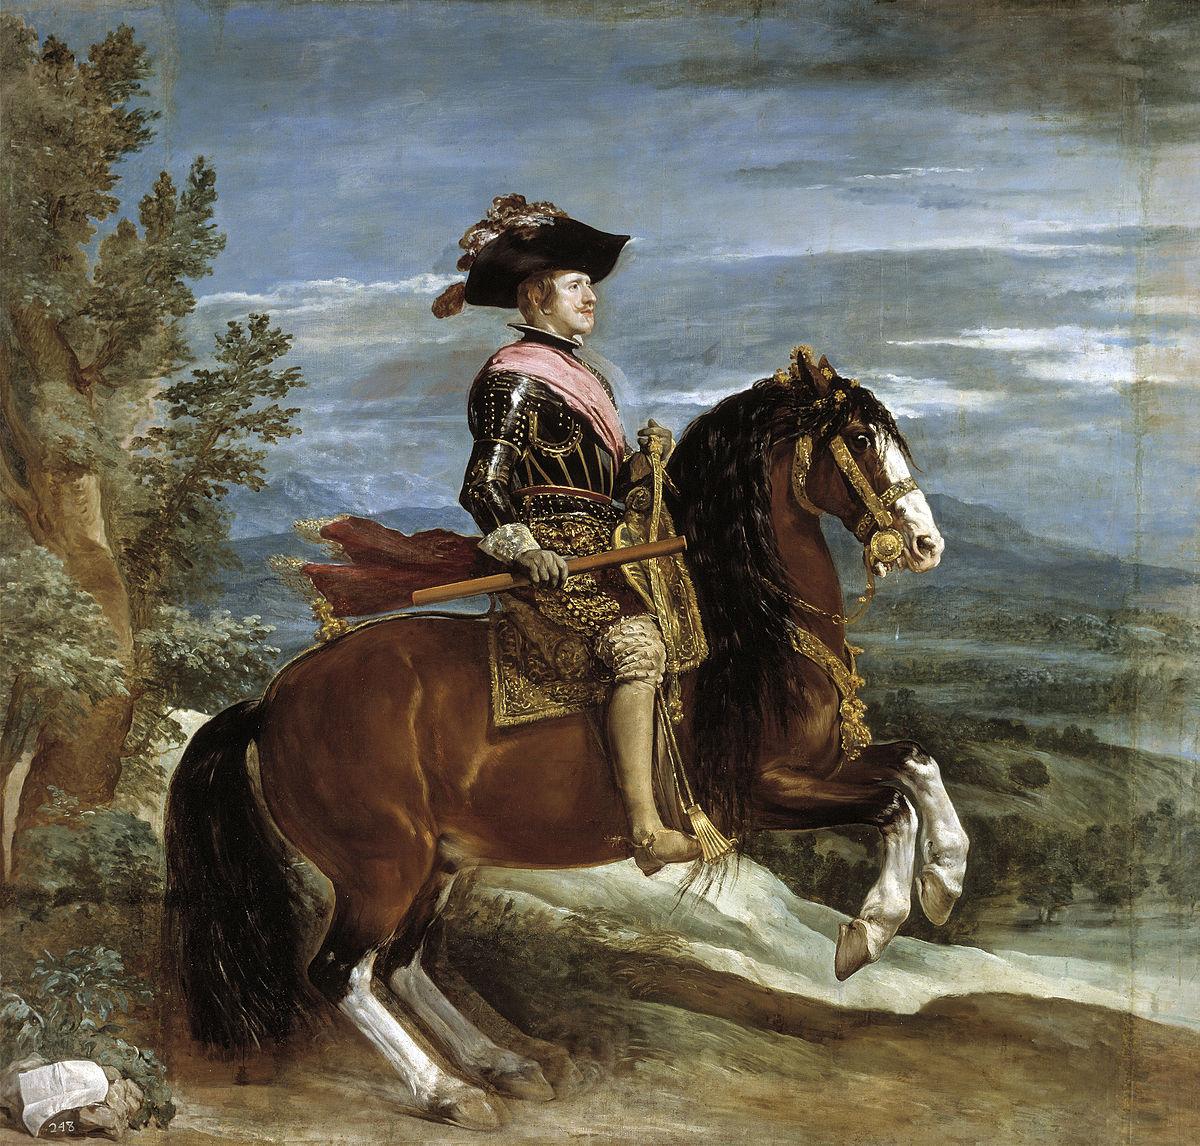 AÑO 1624, FELIPE IV Y SU CORTEJO ATRAVIESAN LOS PUEBLOS DE LA MANCHA, por Juan Jiménez Ballesta